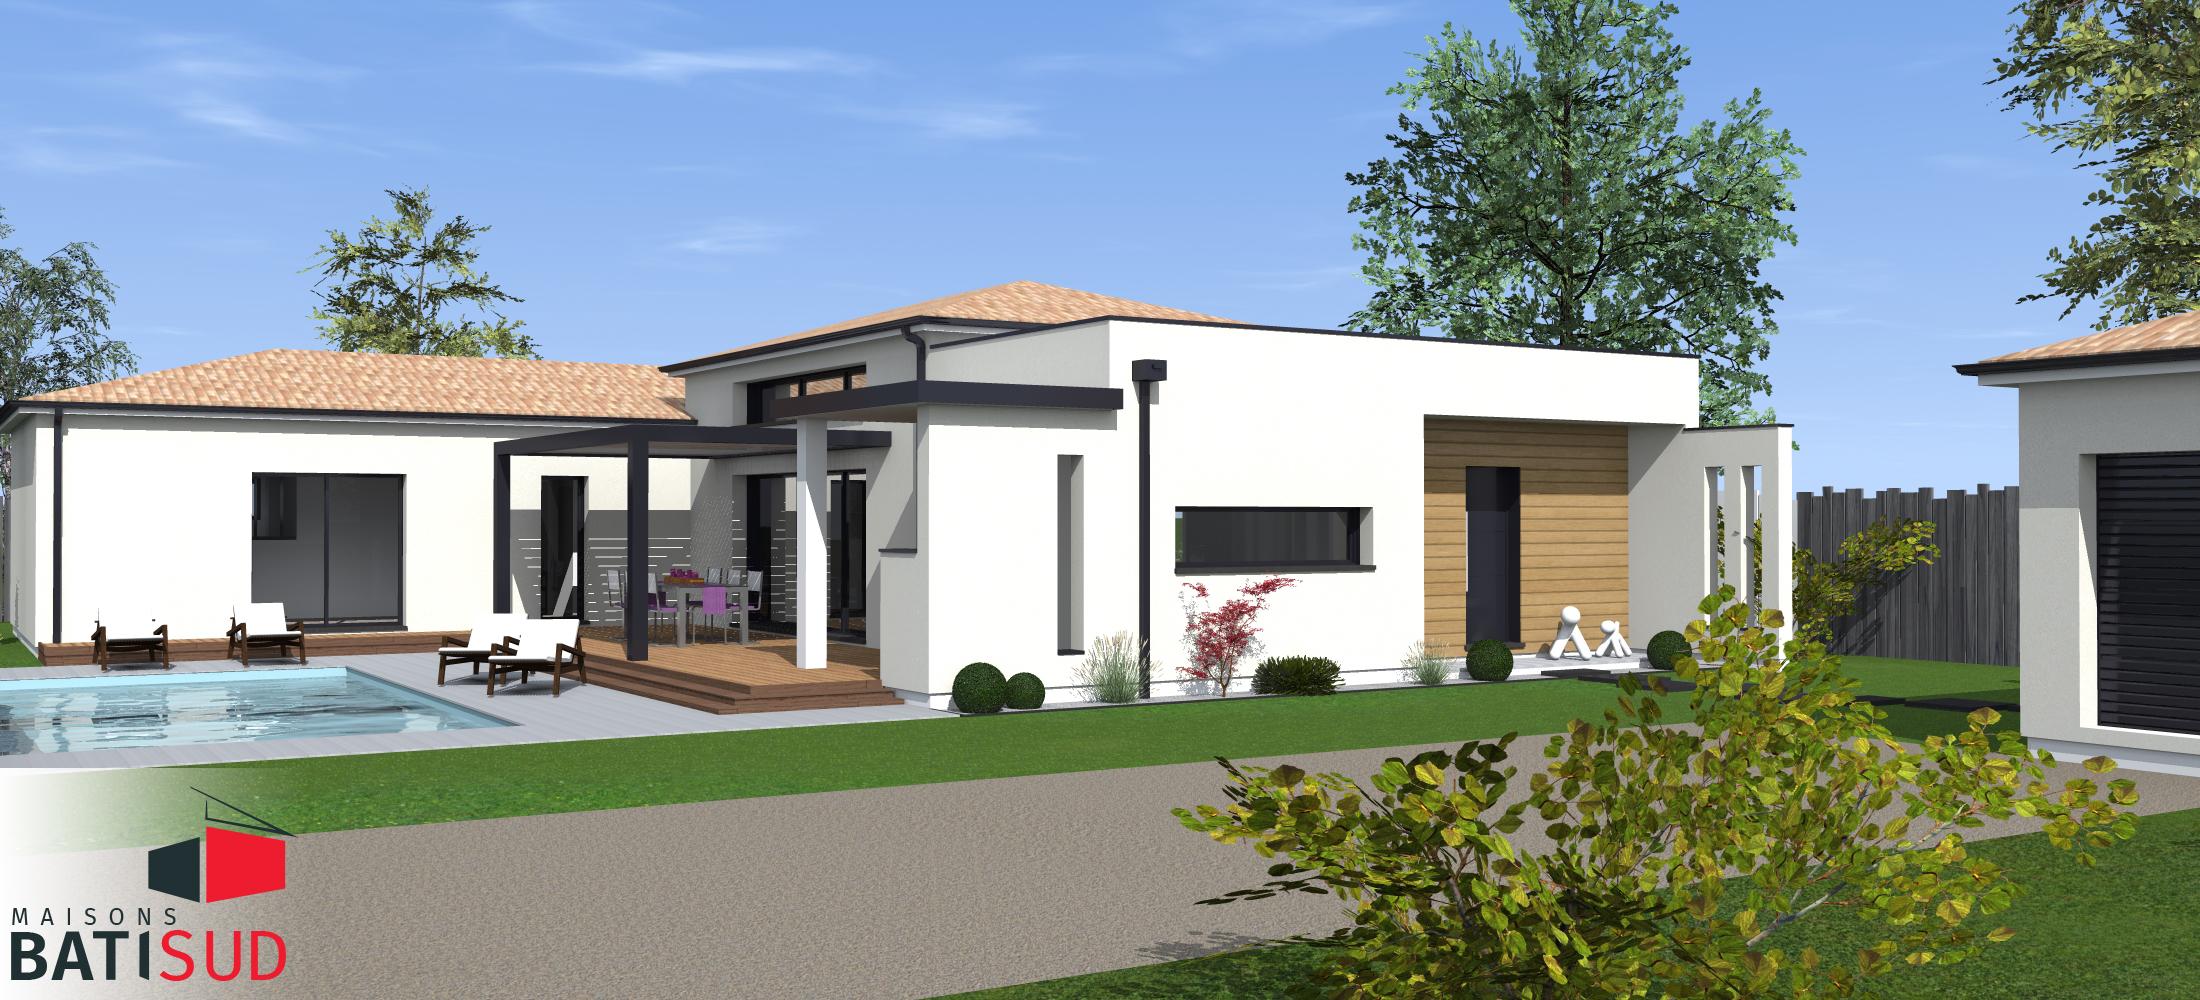 Maisons Bati Sud : Très belle maison moderne avec solarium et terrasse couverte. home